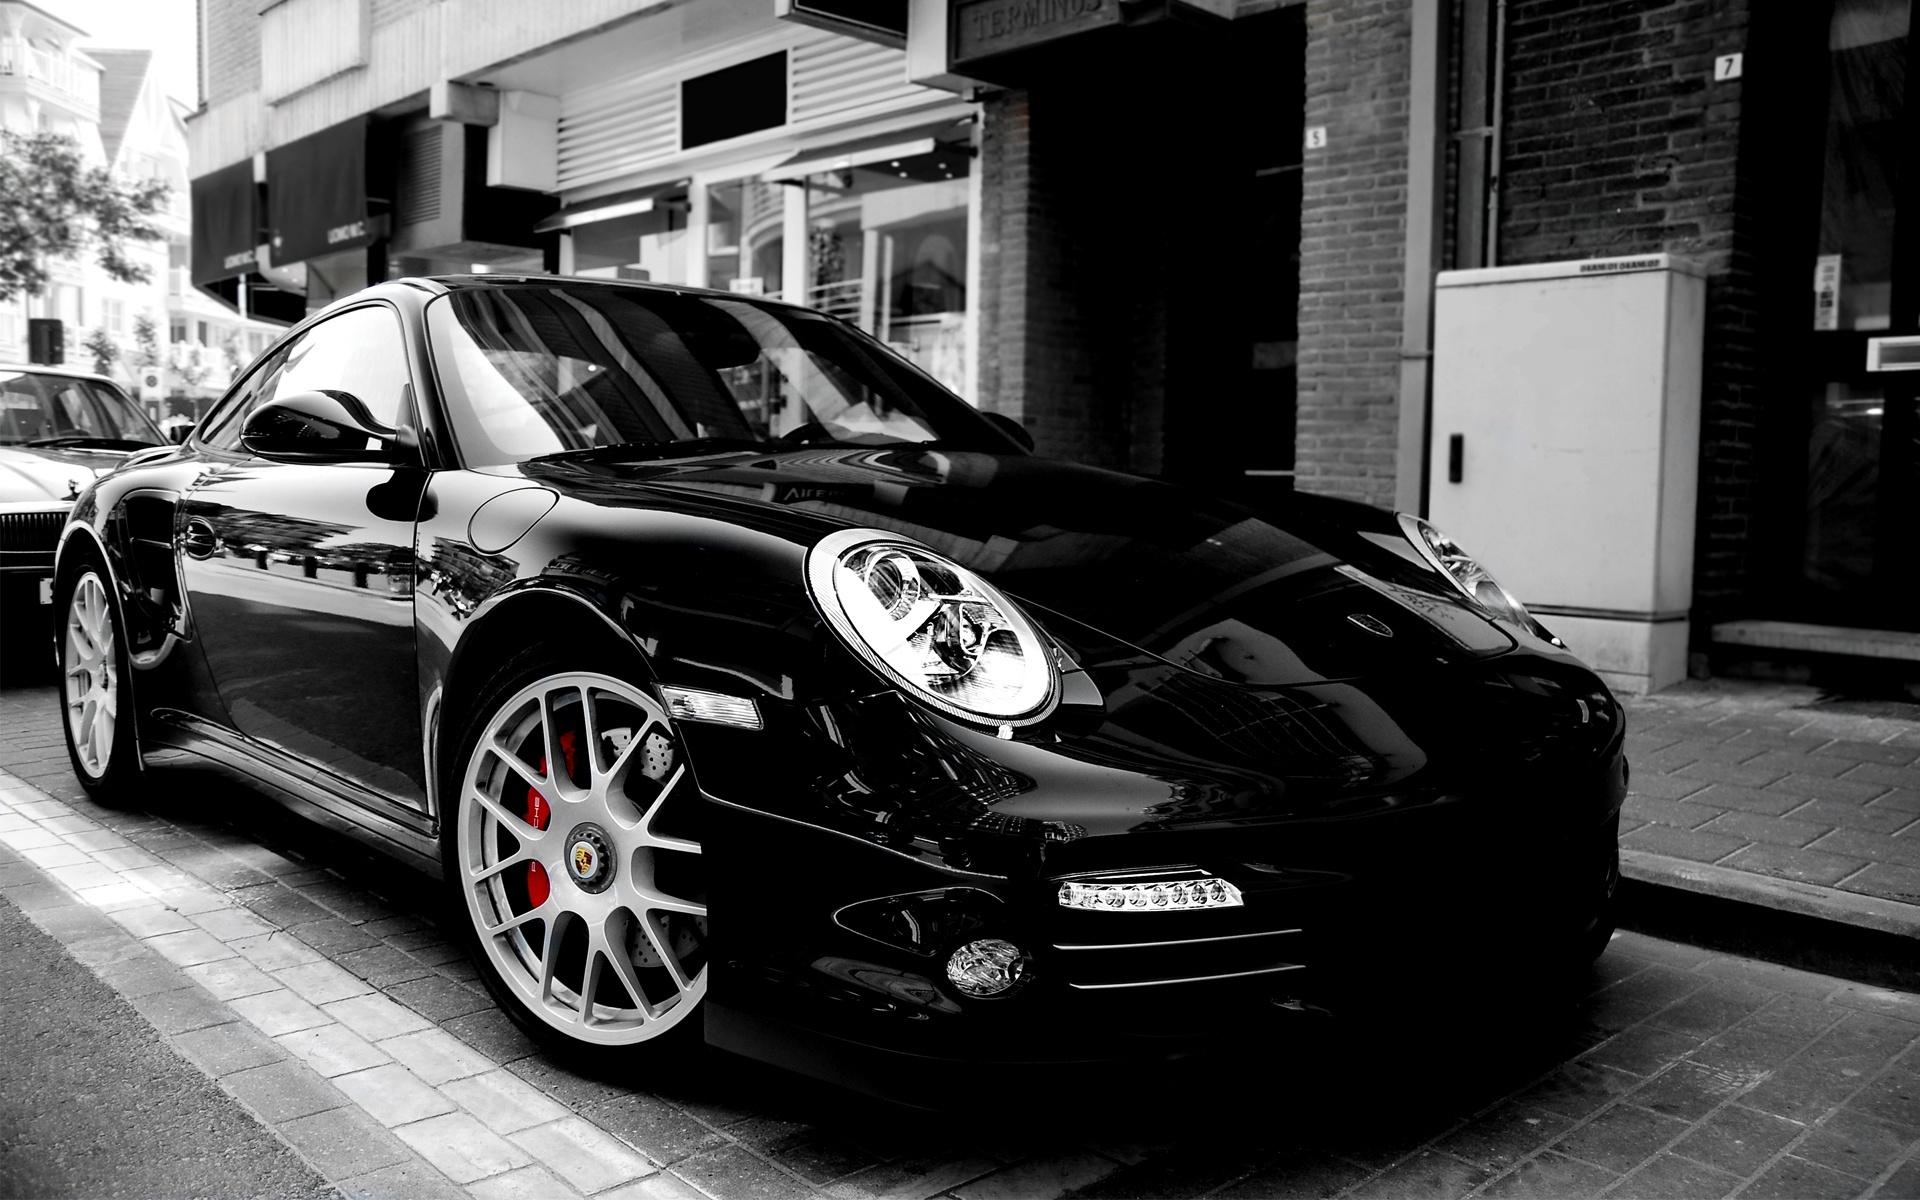 Black Porsche 911 wallpaper 1920x1200